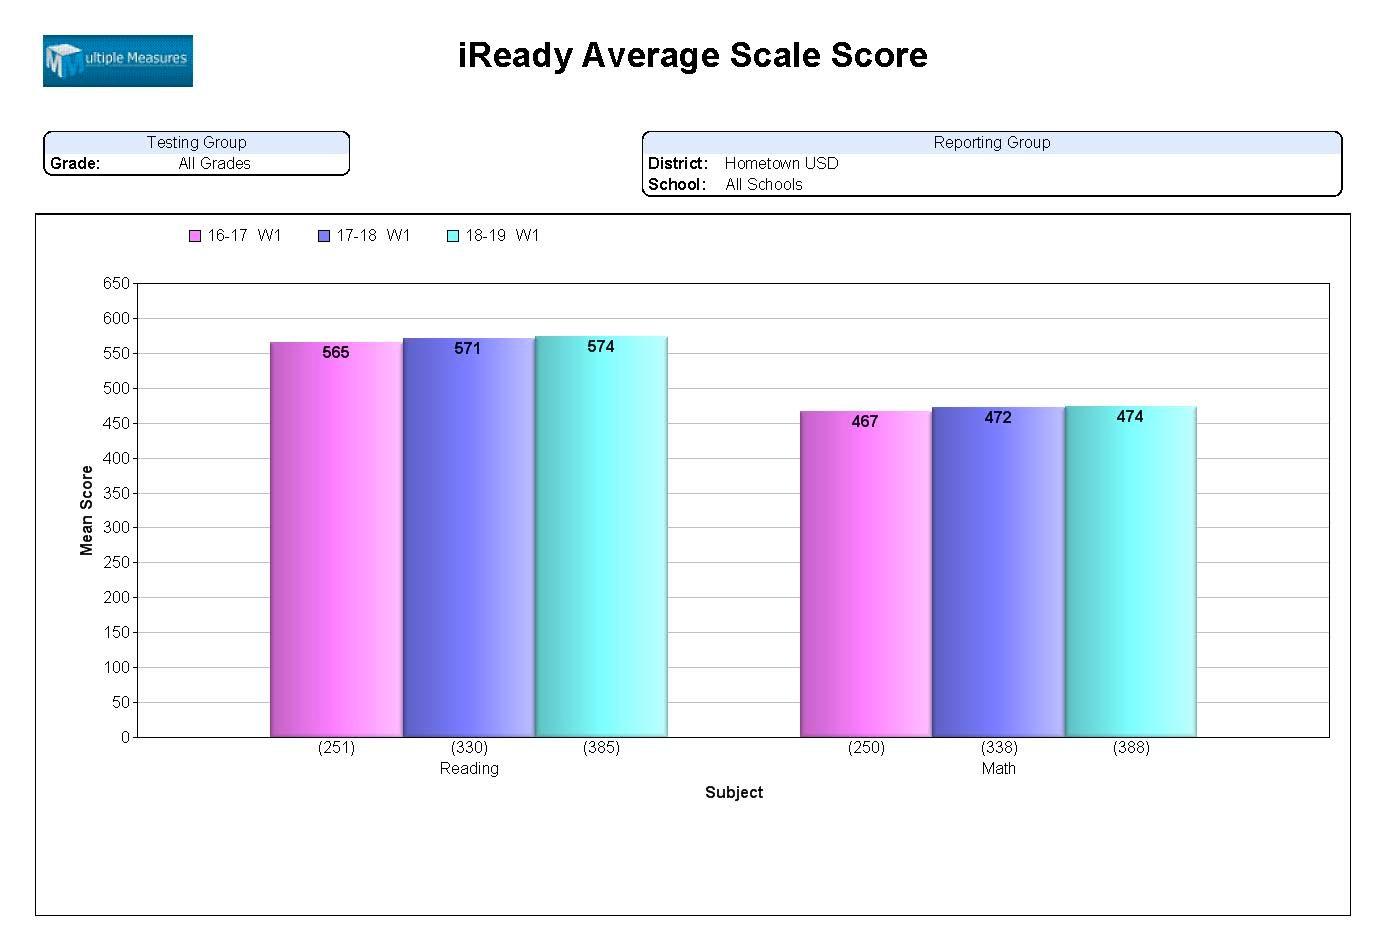 iReady-summary_iReadyAvgScaleScore.jpg